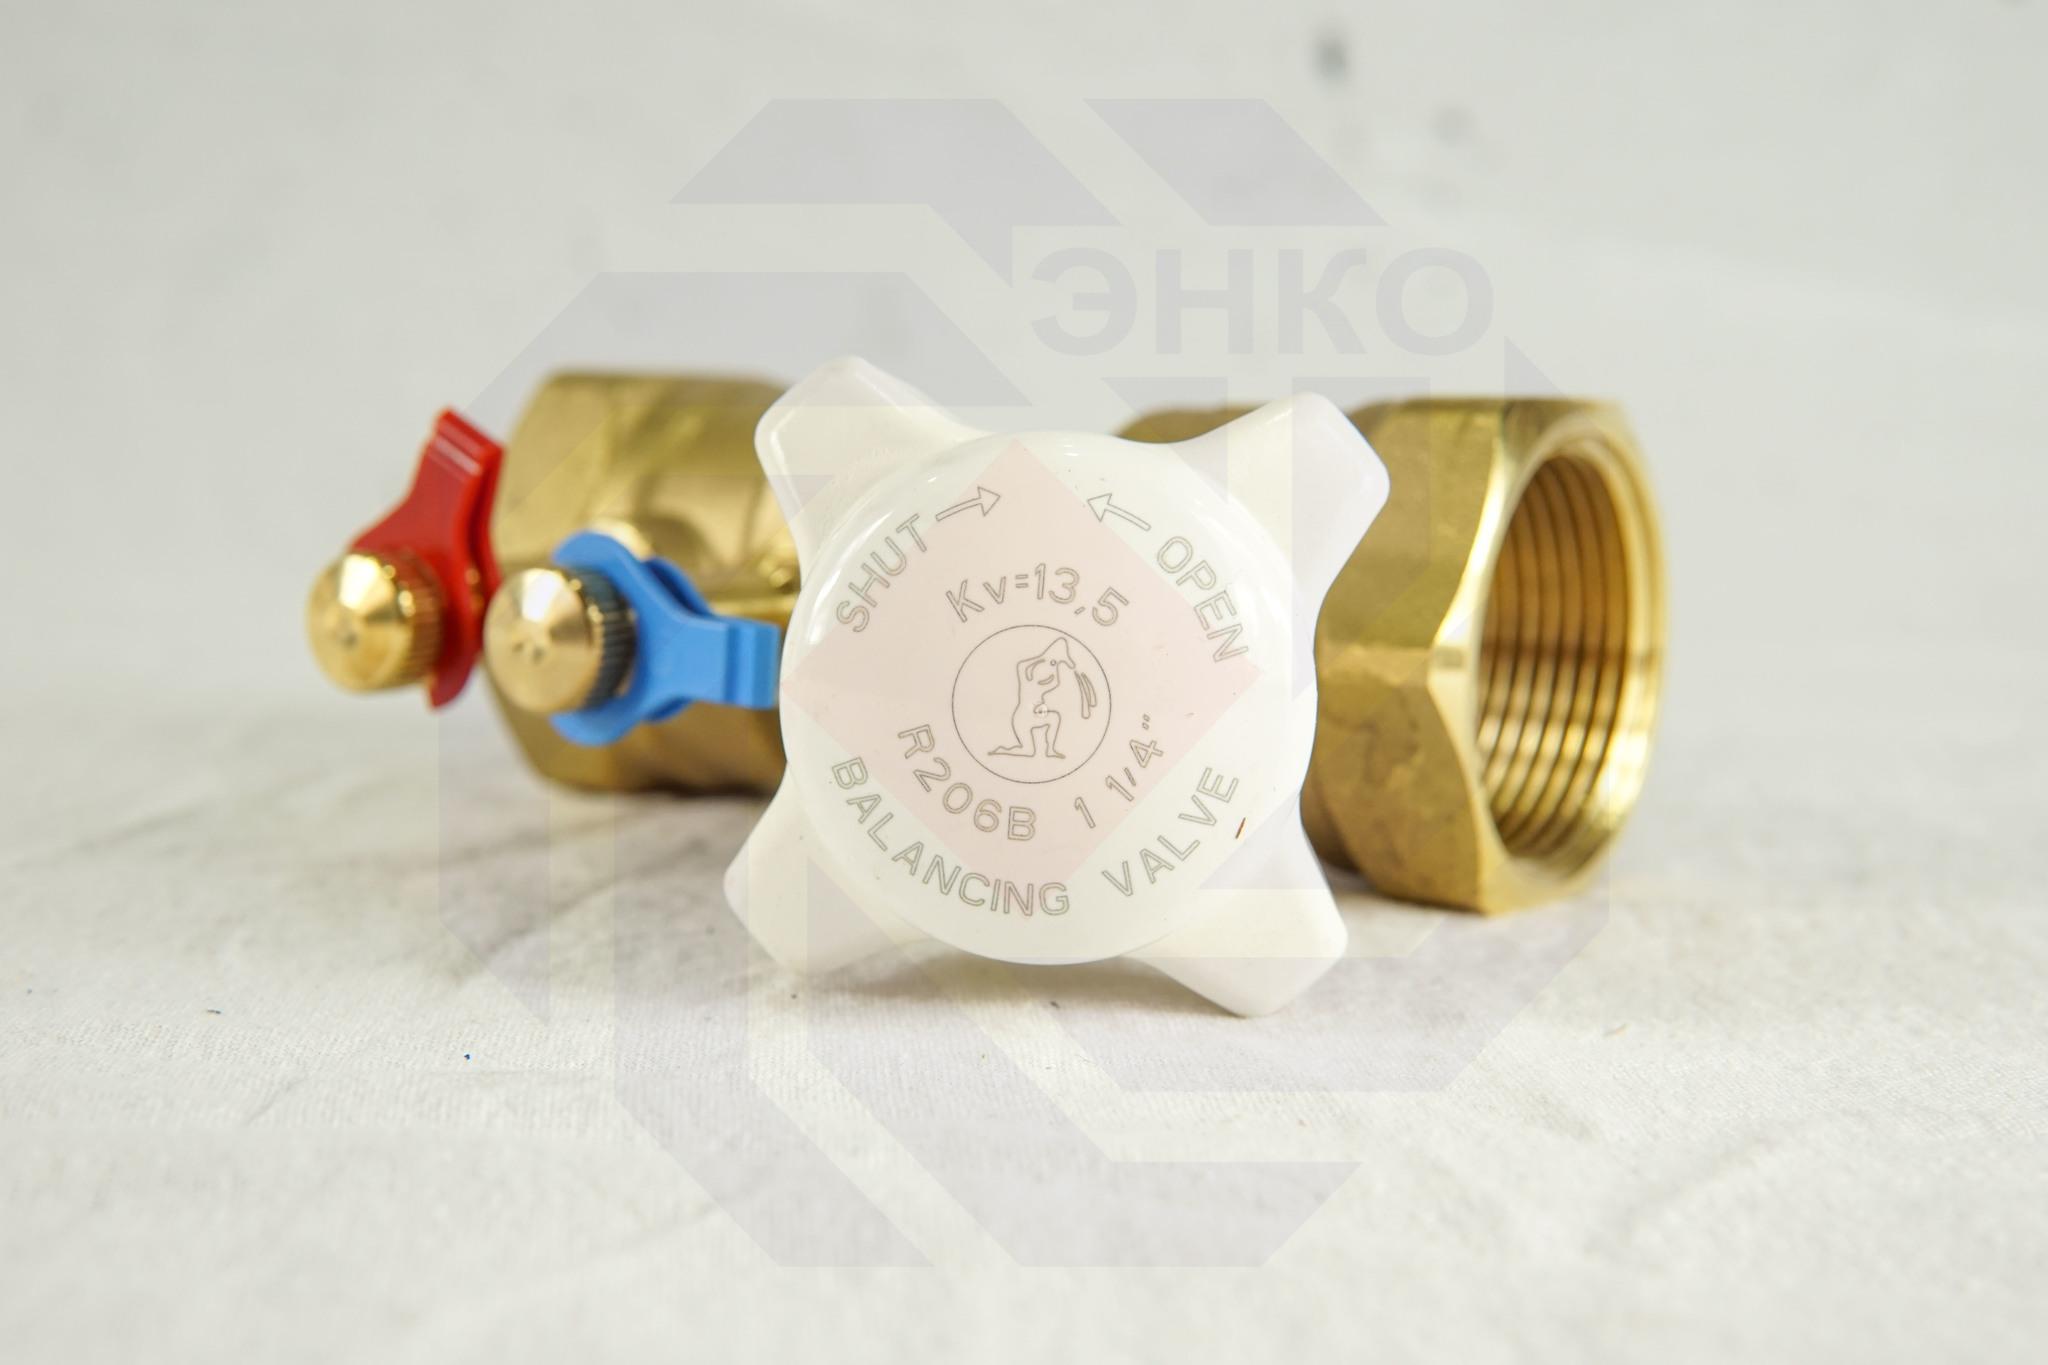 Клапан балансировочный GIACOMINI R206B DN 32